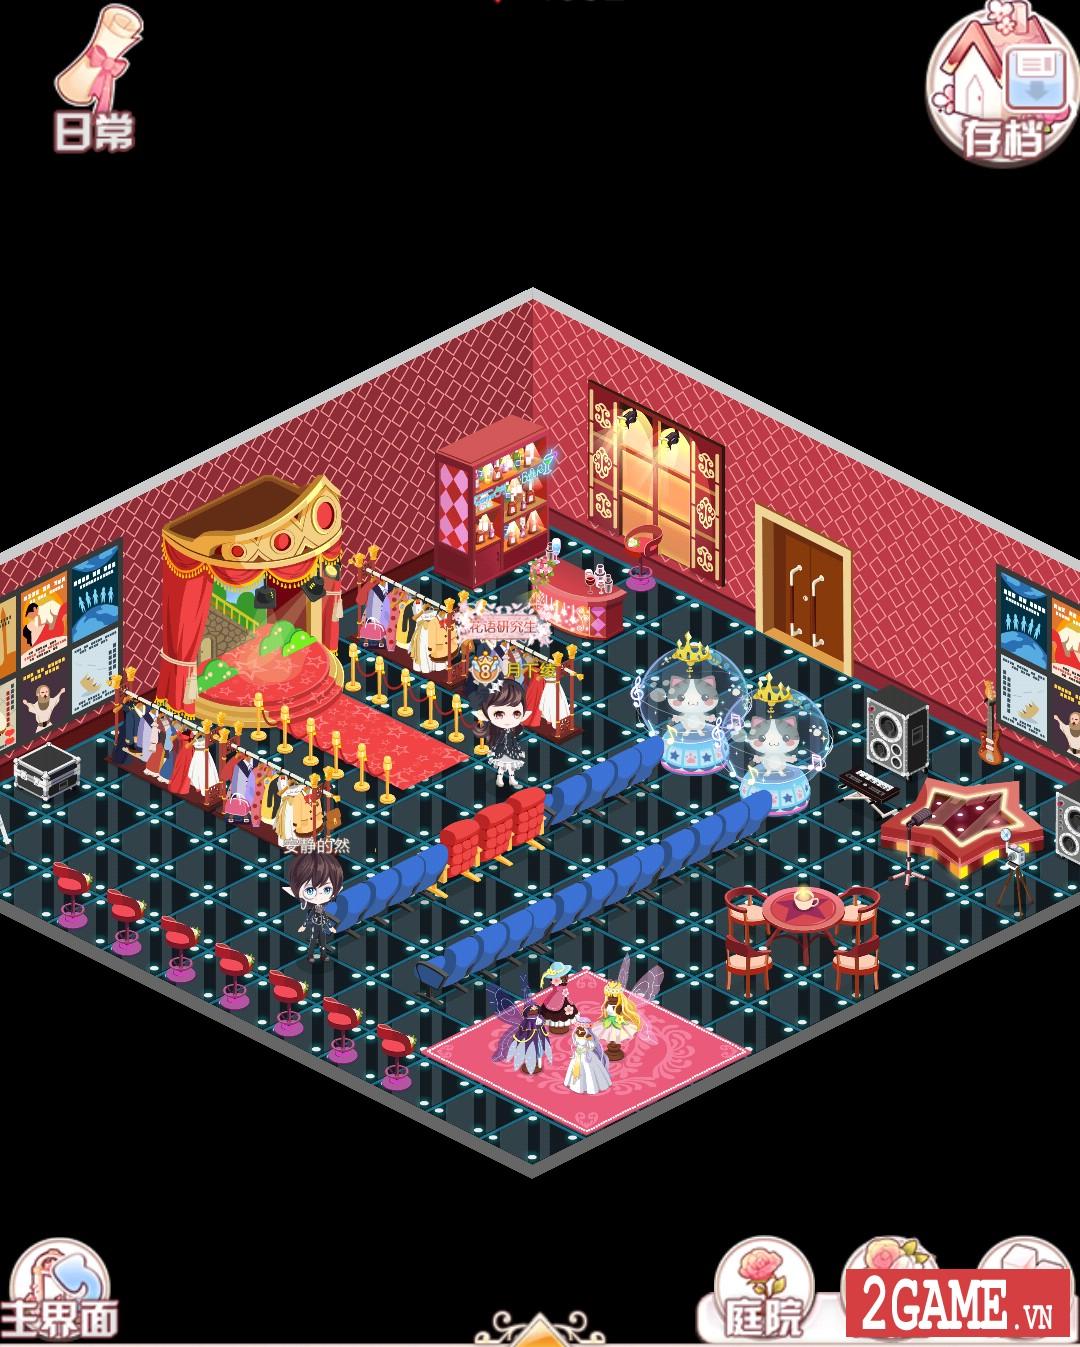 Idol Thời Trang - Game thời trang tương tác kết nối độc nhất sắp được VTC Game phát hành 5